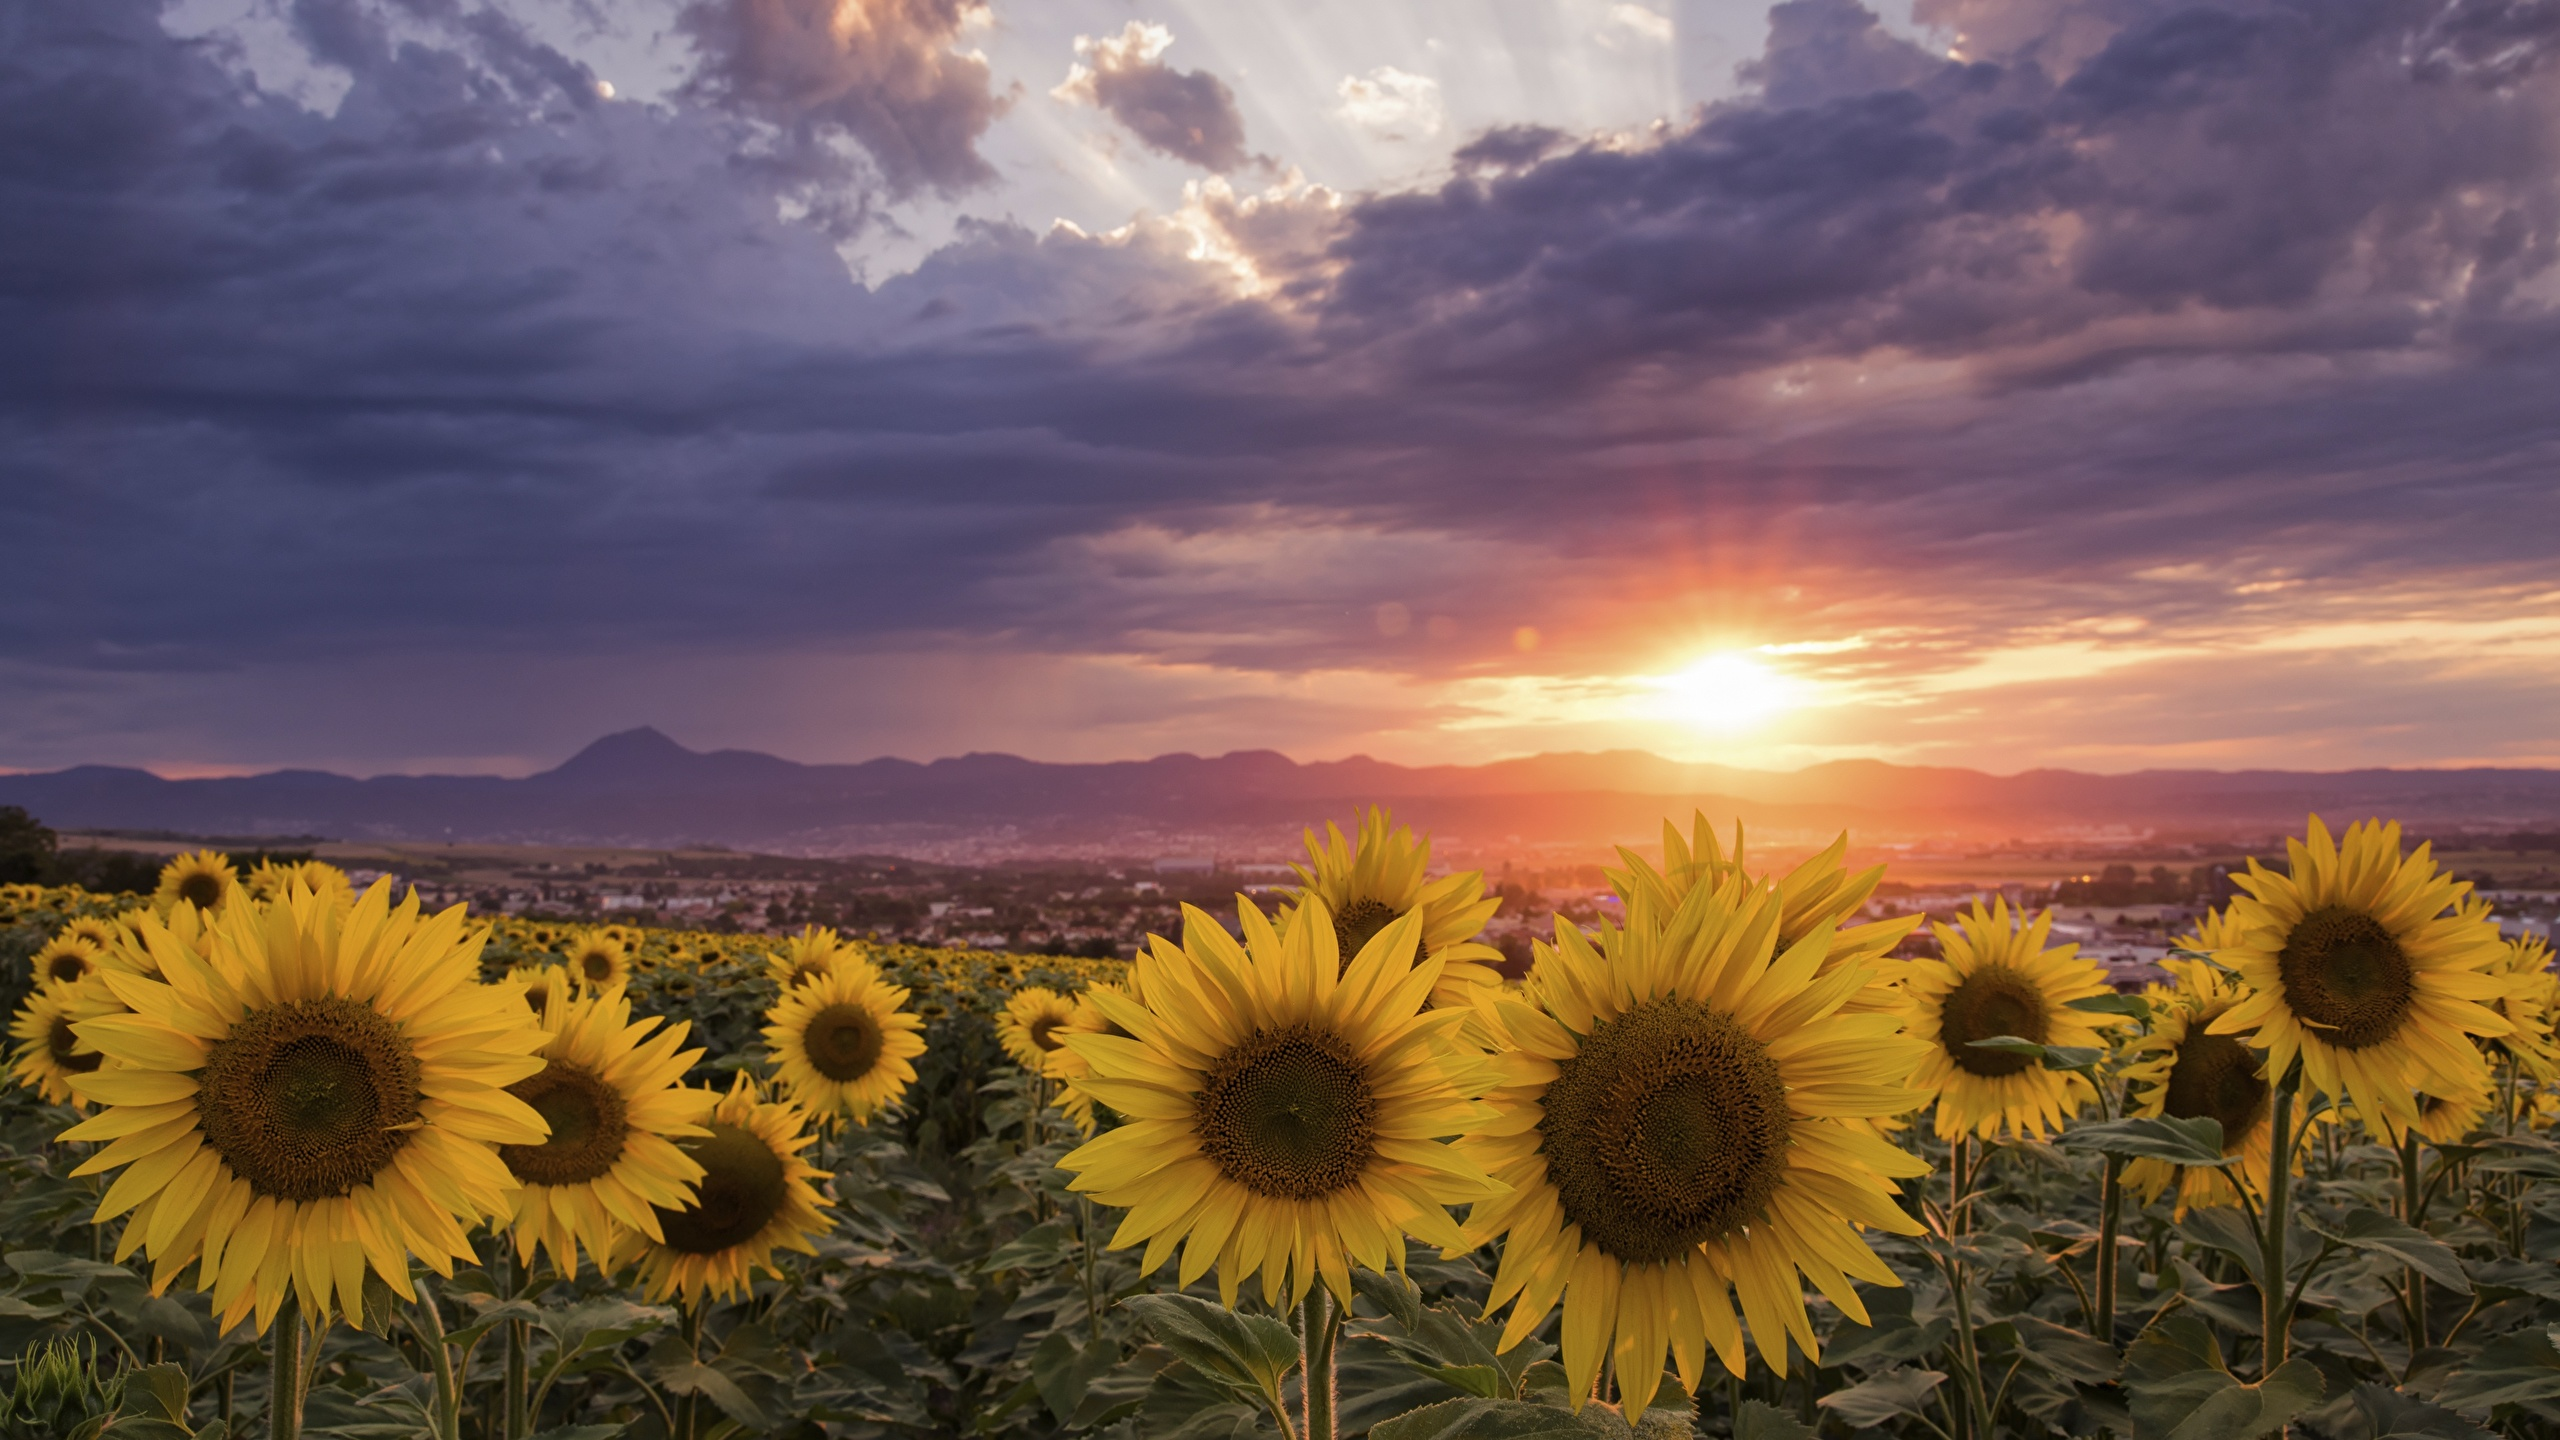 Картинки Поля Цветы Подсолнечник Рассветы и закаты Облака 2560x1440 цветок Подсолнухи рассвет и закат облако облачно